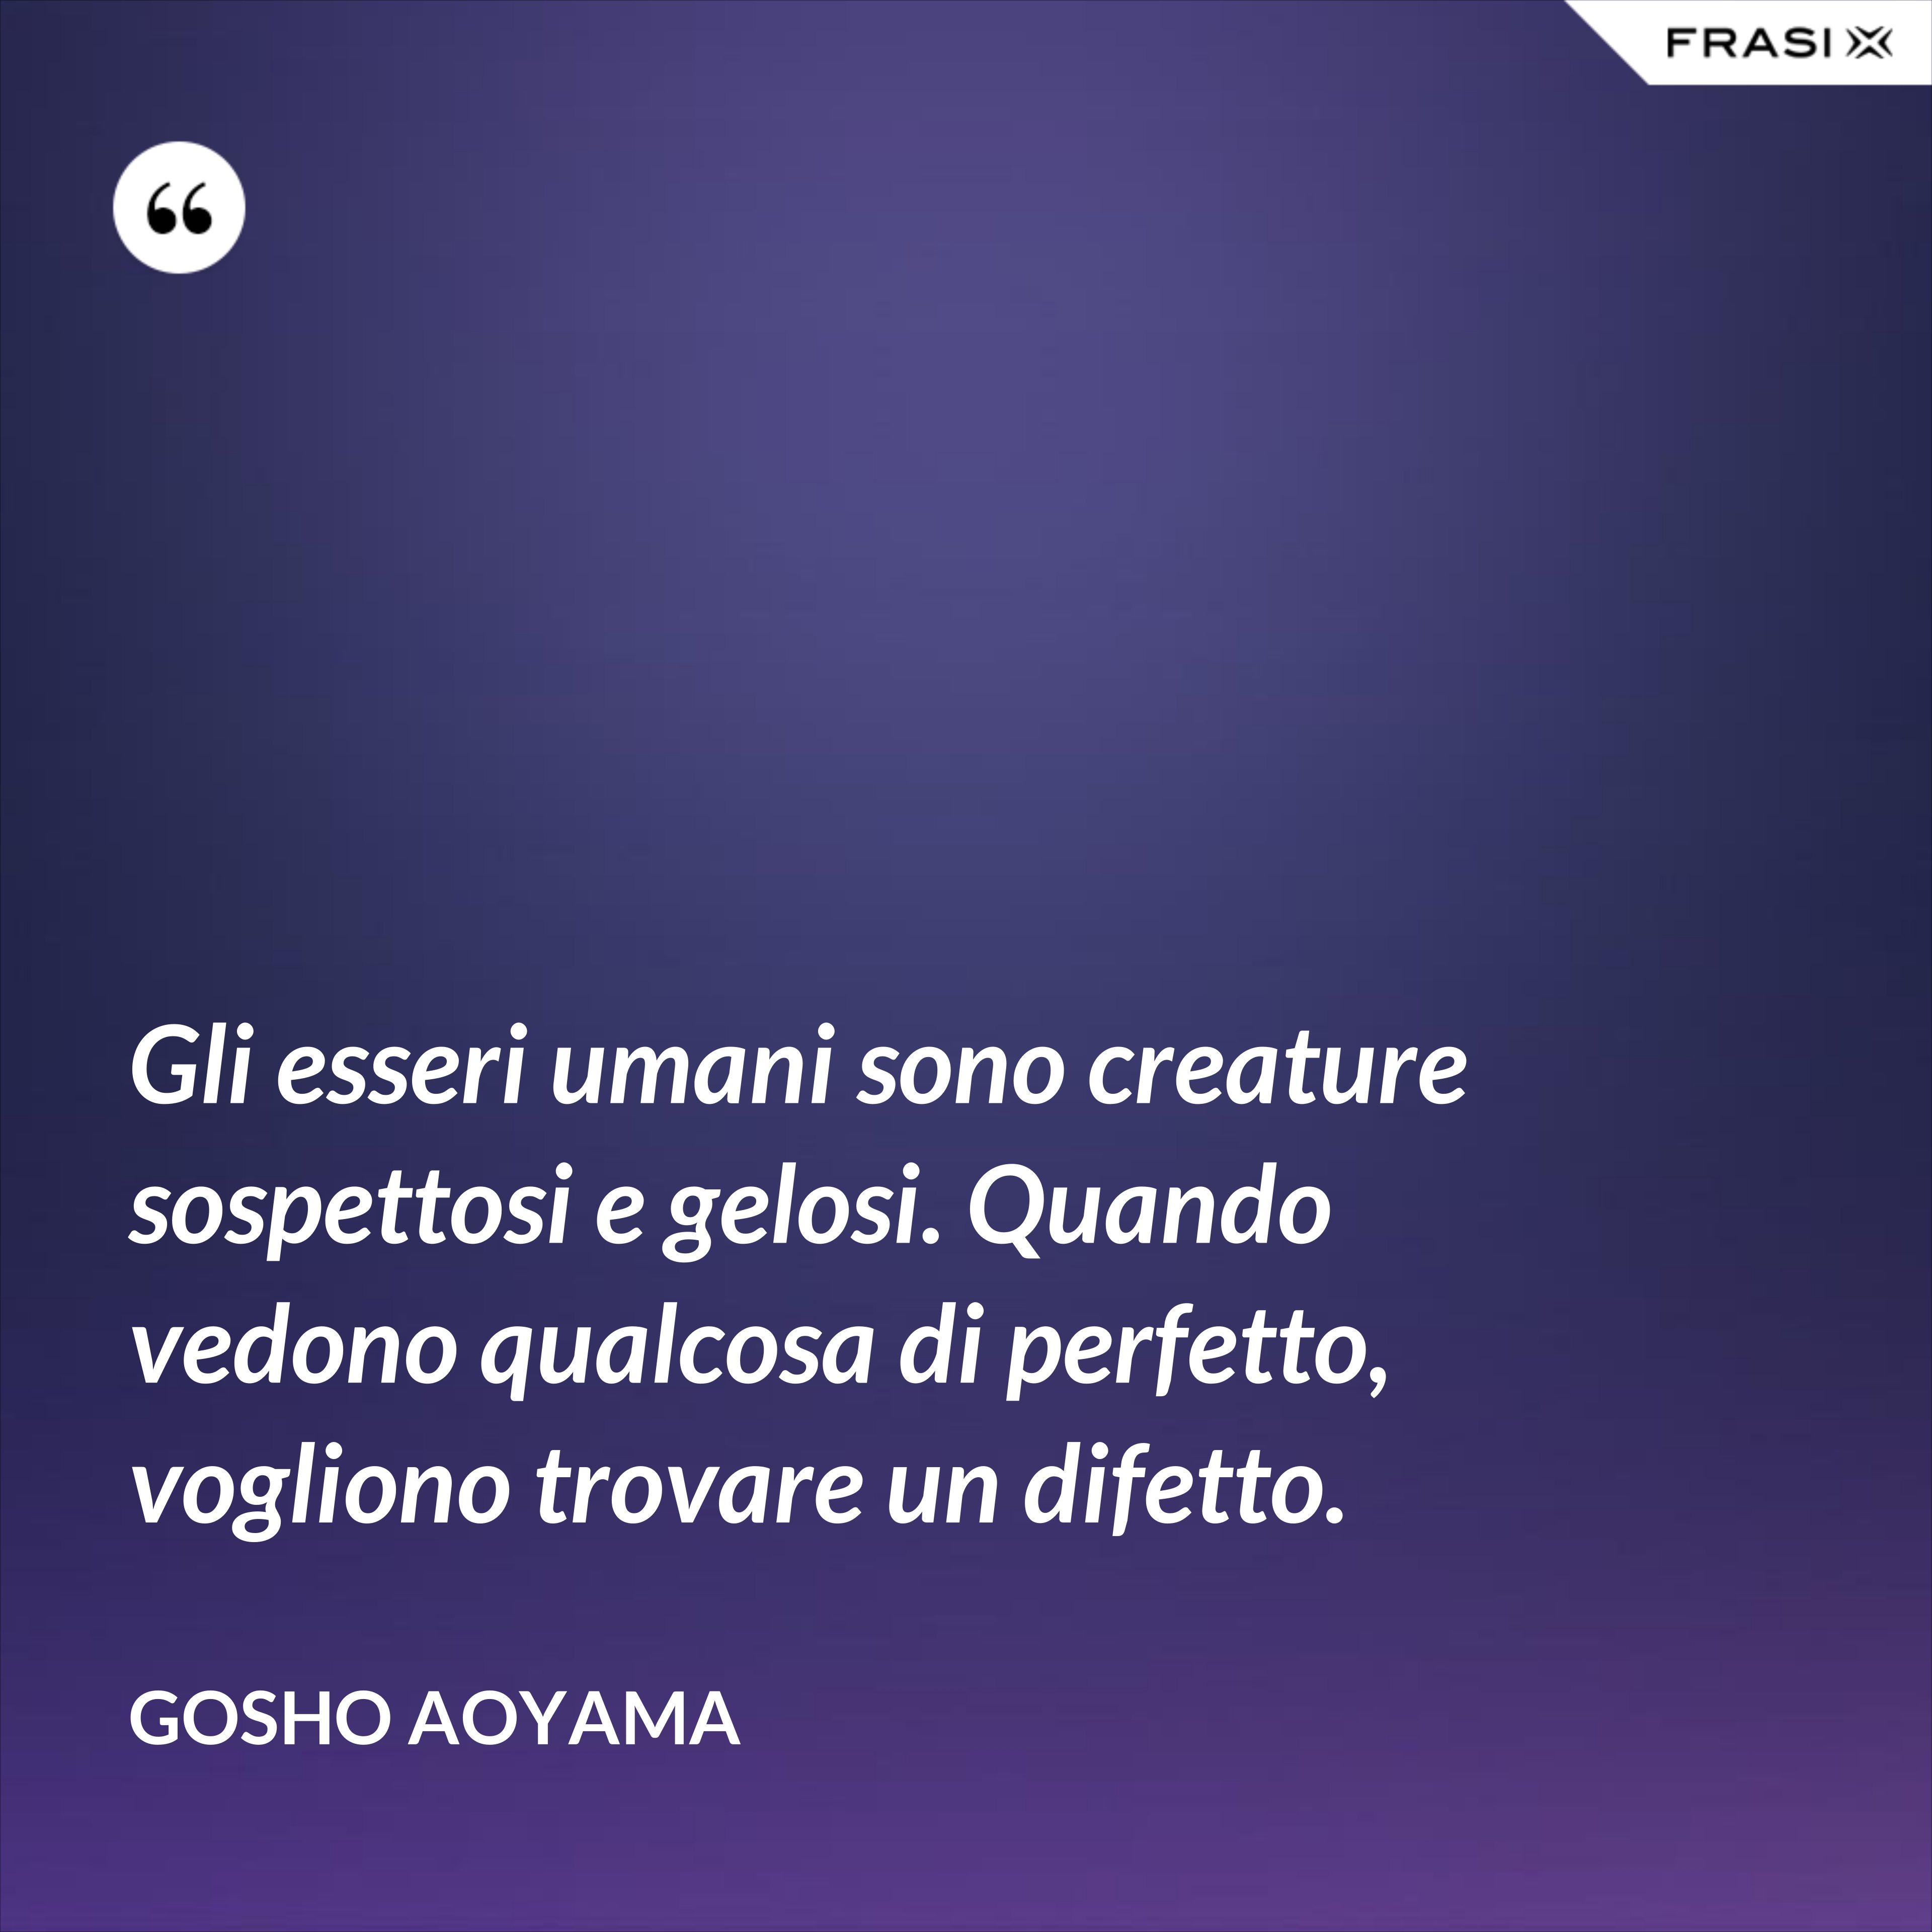 Gli esseri umani sono creature sospettosi e gelosi. Quando vedono qualcosa di perfetto, vogliono trovare un difetto. - Gosho Aoyama